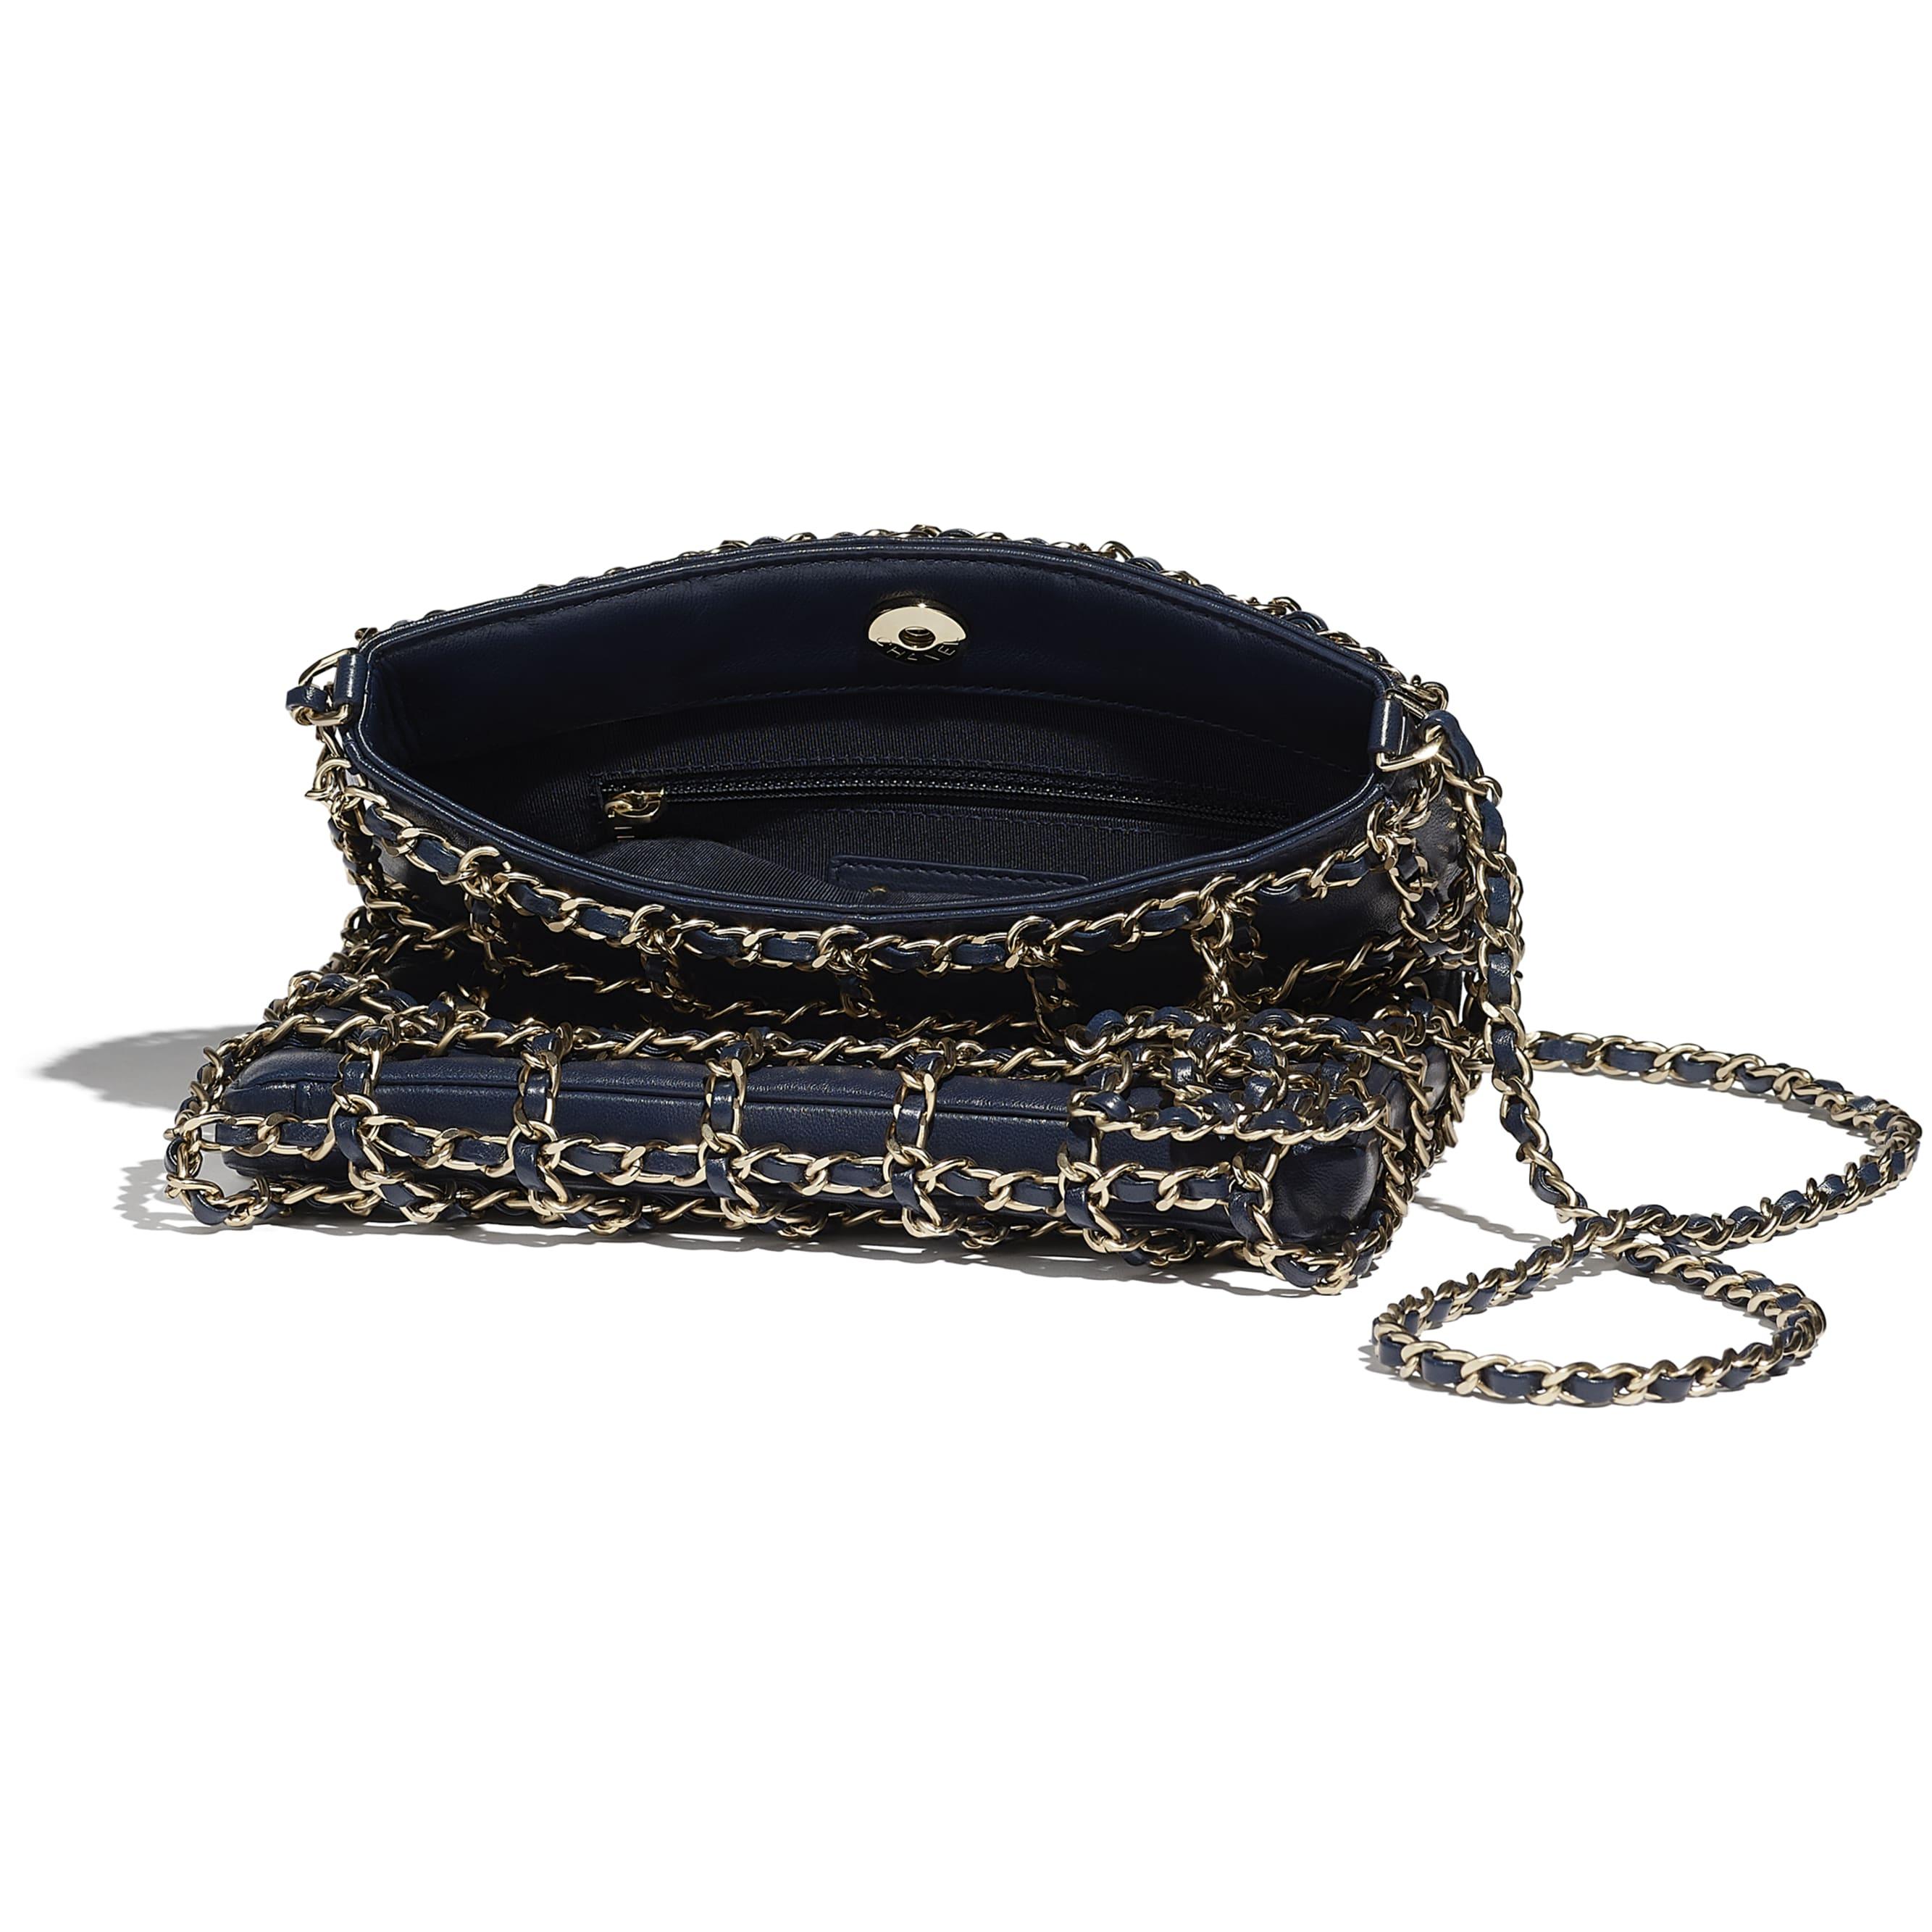 小型購物包 - 海軍藍 - 小羊皮與金色金屬 - CHANEL - 其他視圖 - 查看標準尺寸版本